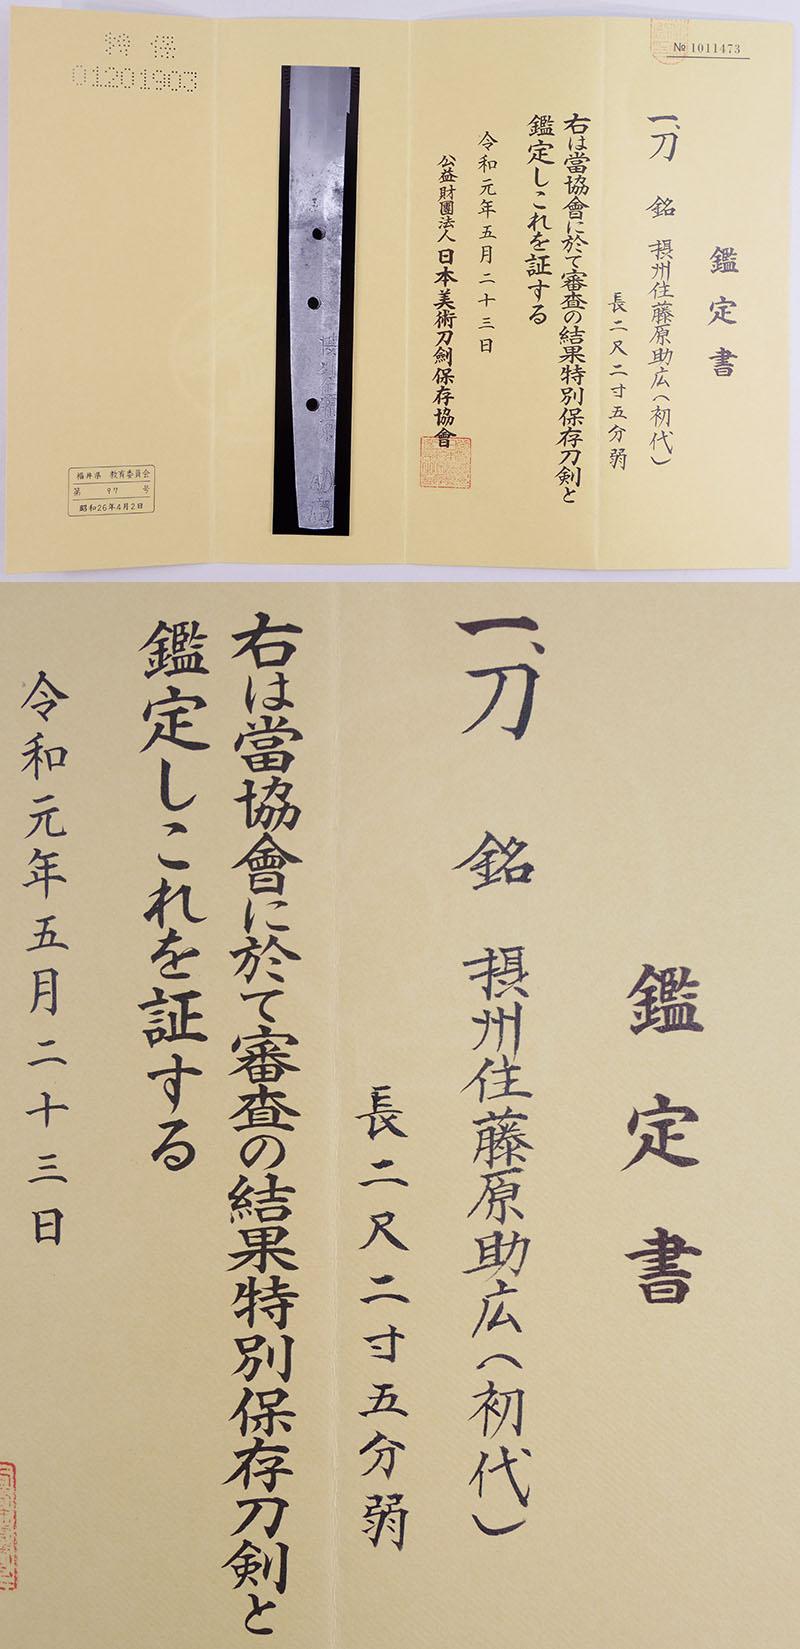 摂州住藤原助広(初代 ソボロ助広) Picture of Certificate